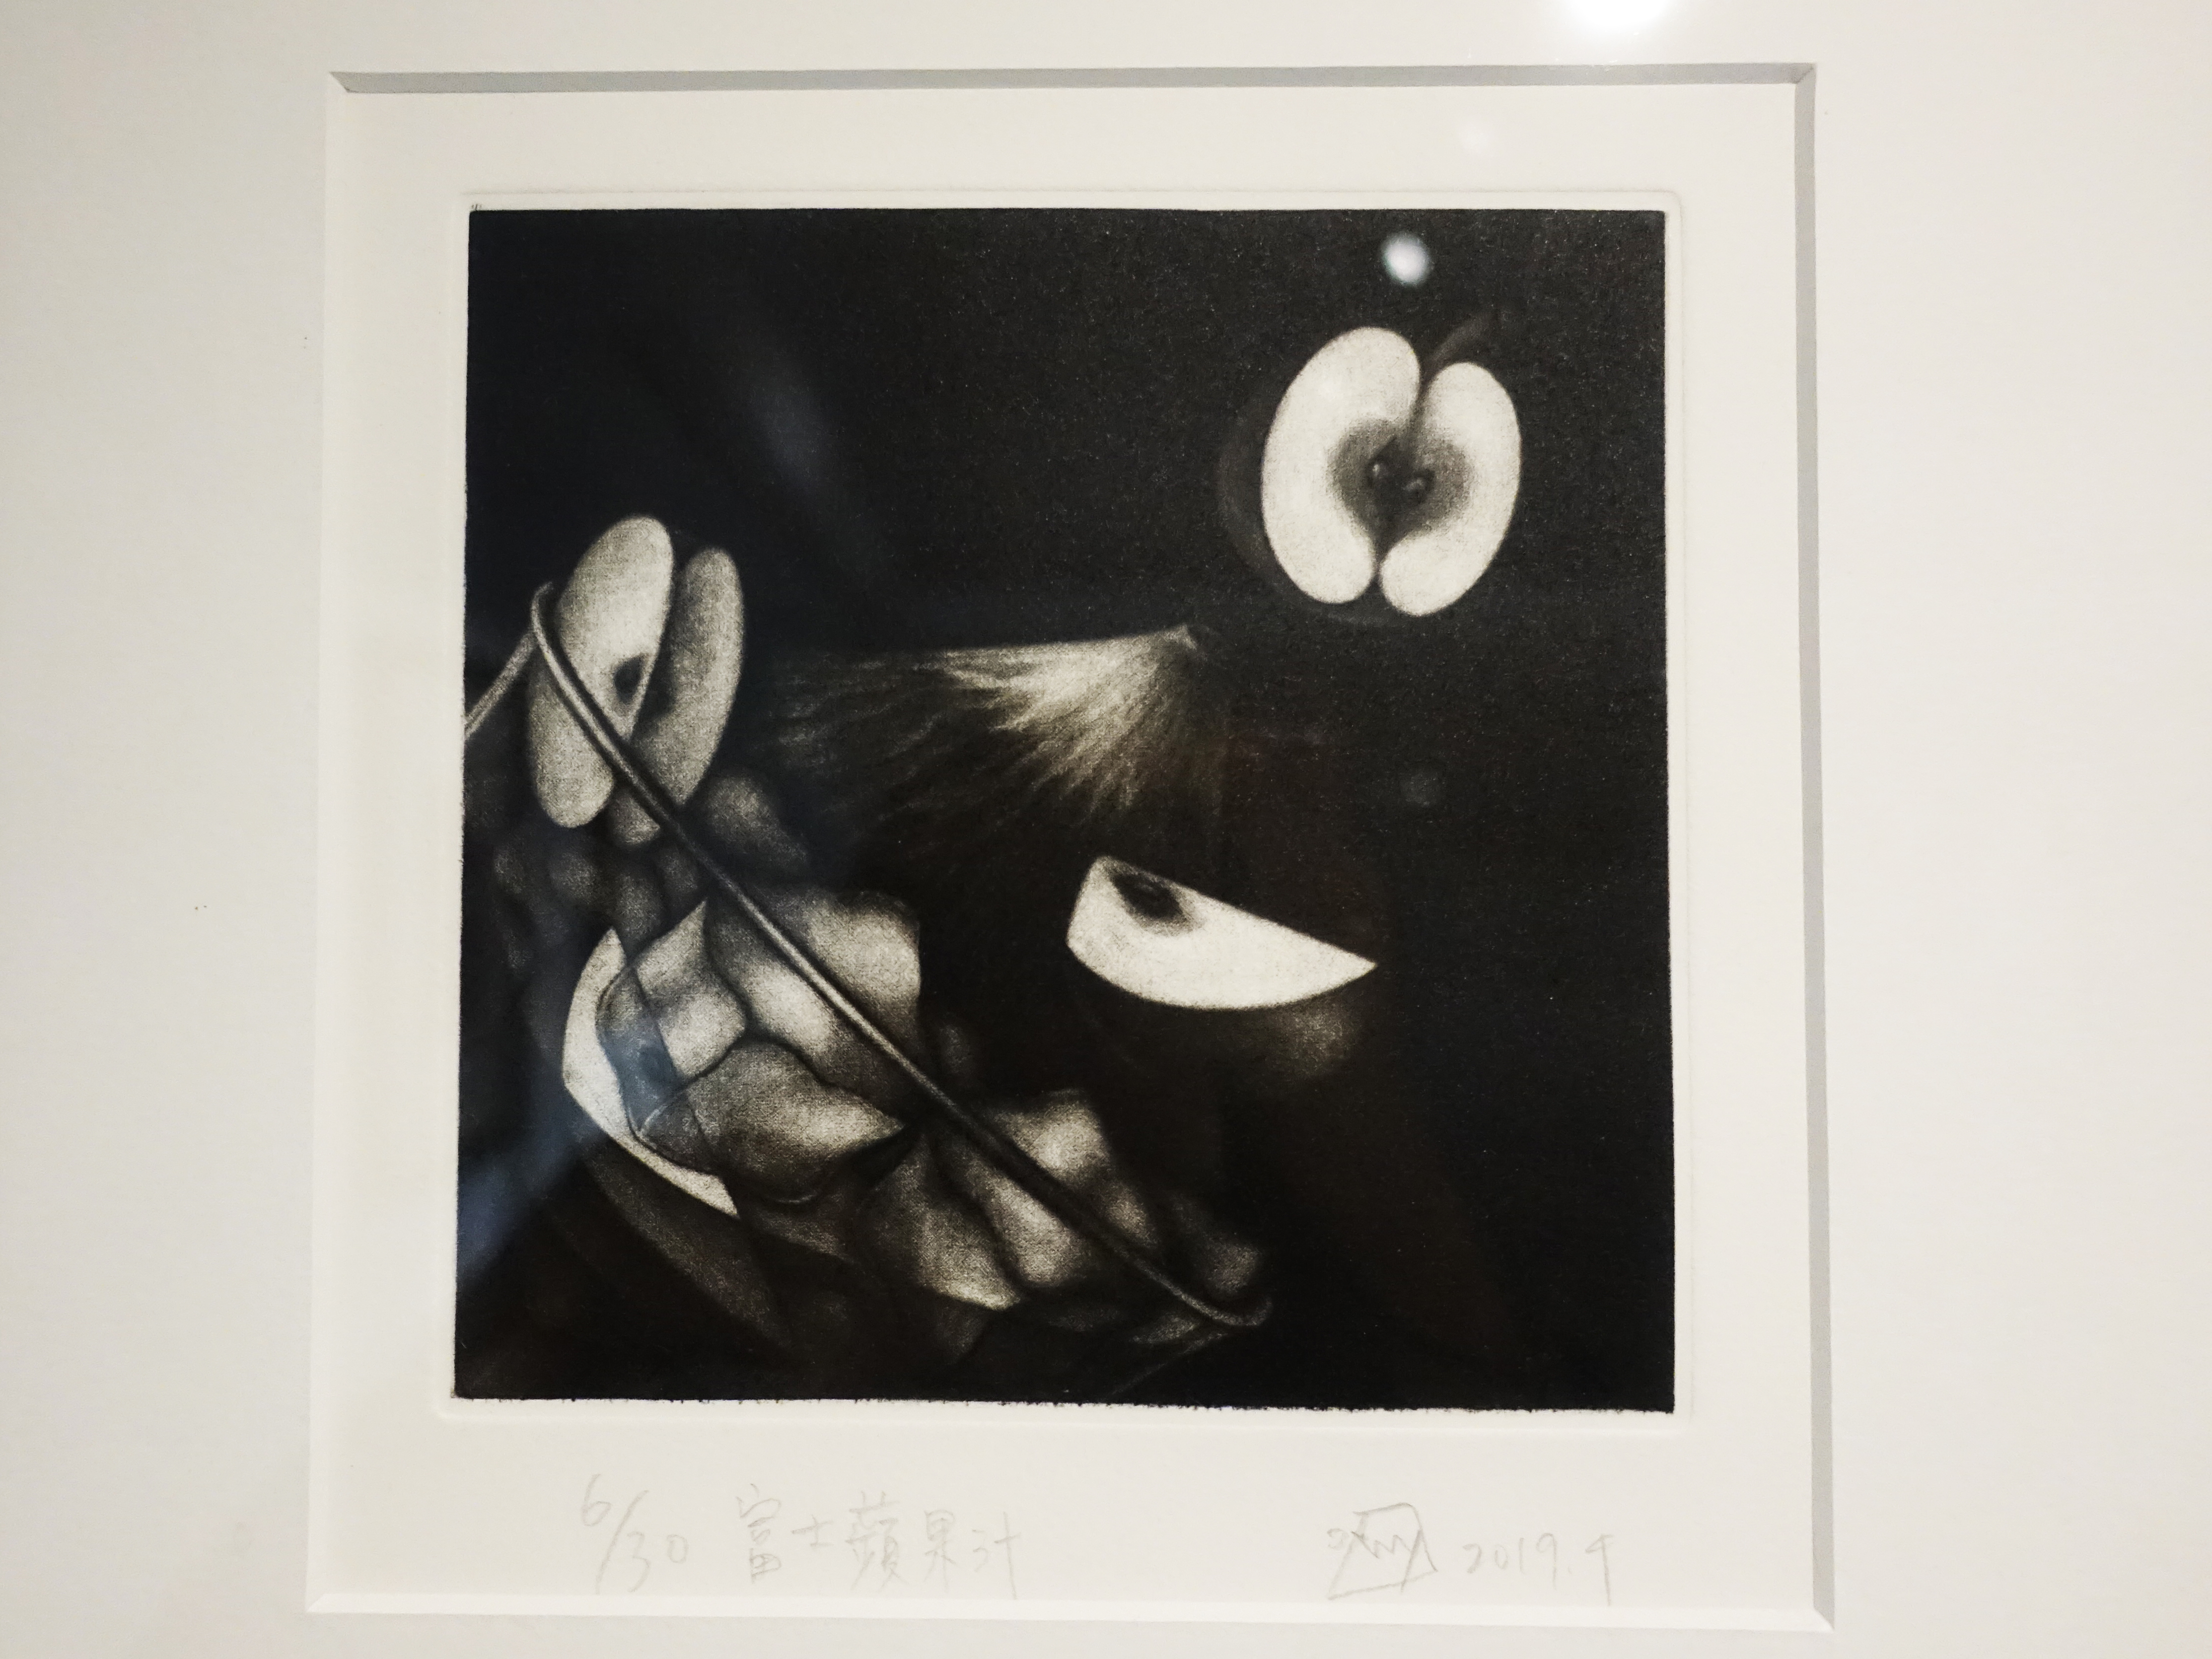 孟家安,《富士蘋果汁》細節,15 x 15 cm,美柔丁6/30,2019。